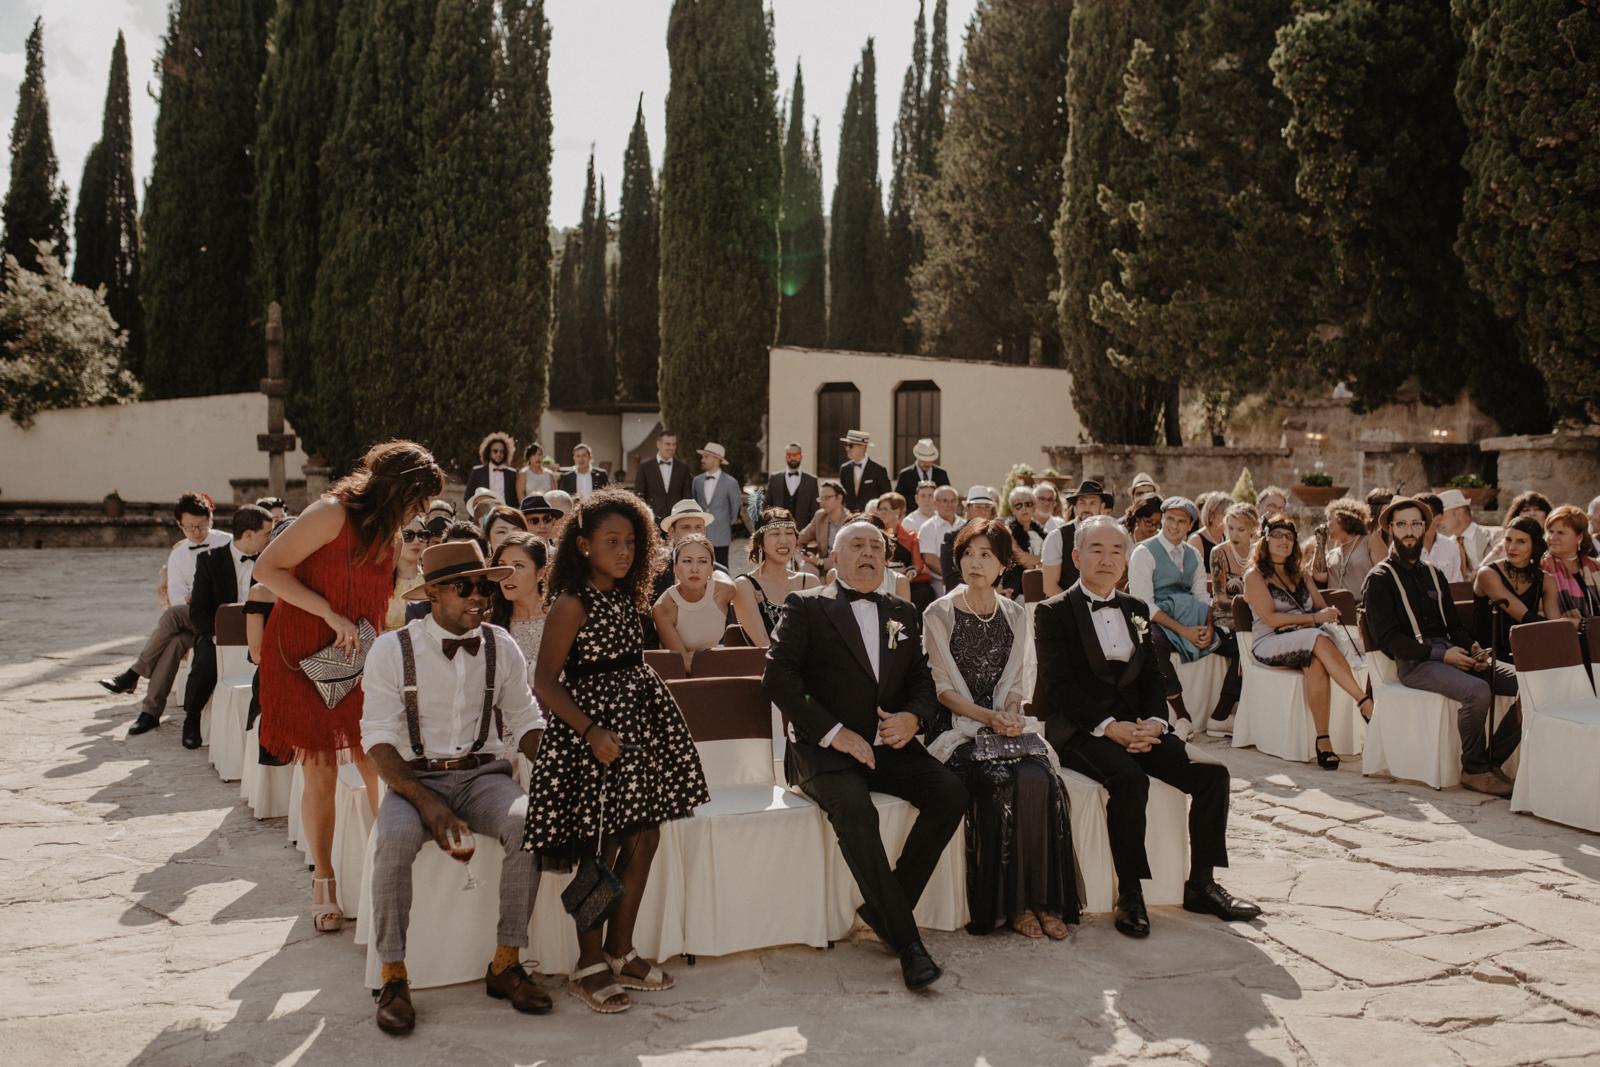 thenortherngirlphotography_photography_thenortherngirl_rebeccascabros_wedding_weddingphotography_weddingphotographer_barcelona_bodaenlabaronia_labaronia_japanesewedding_destinationwedding_shokoalbert-333.jpg